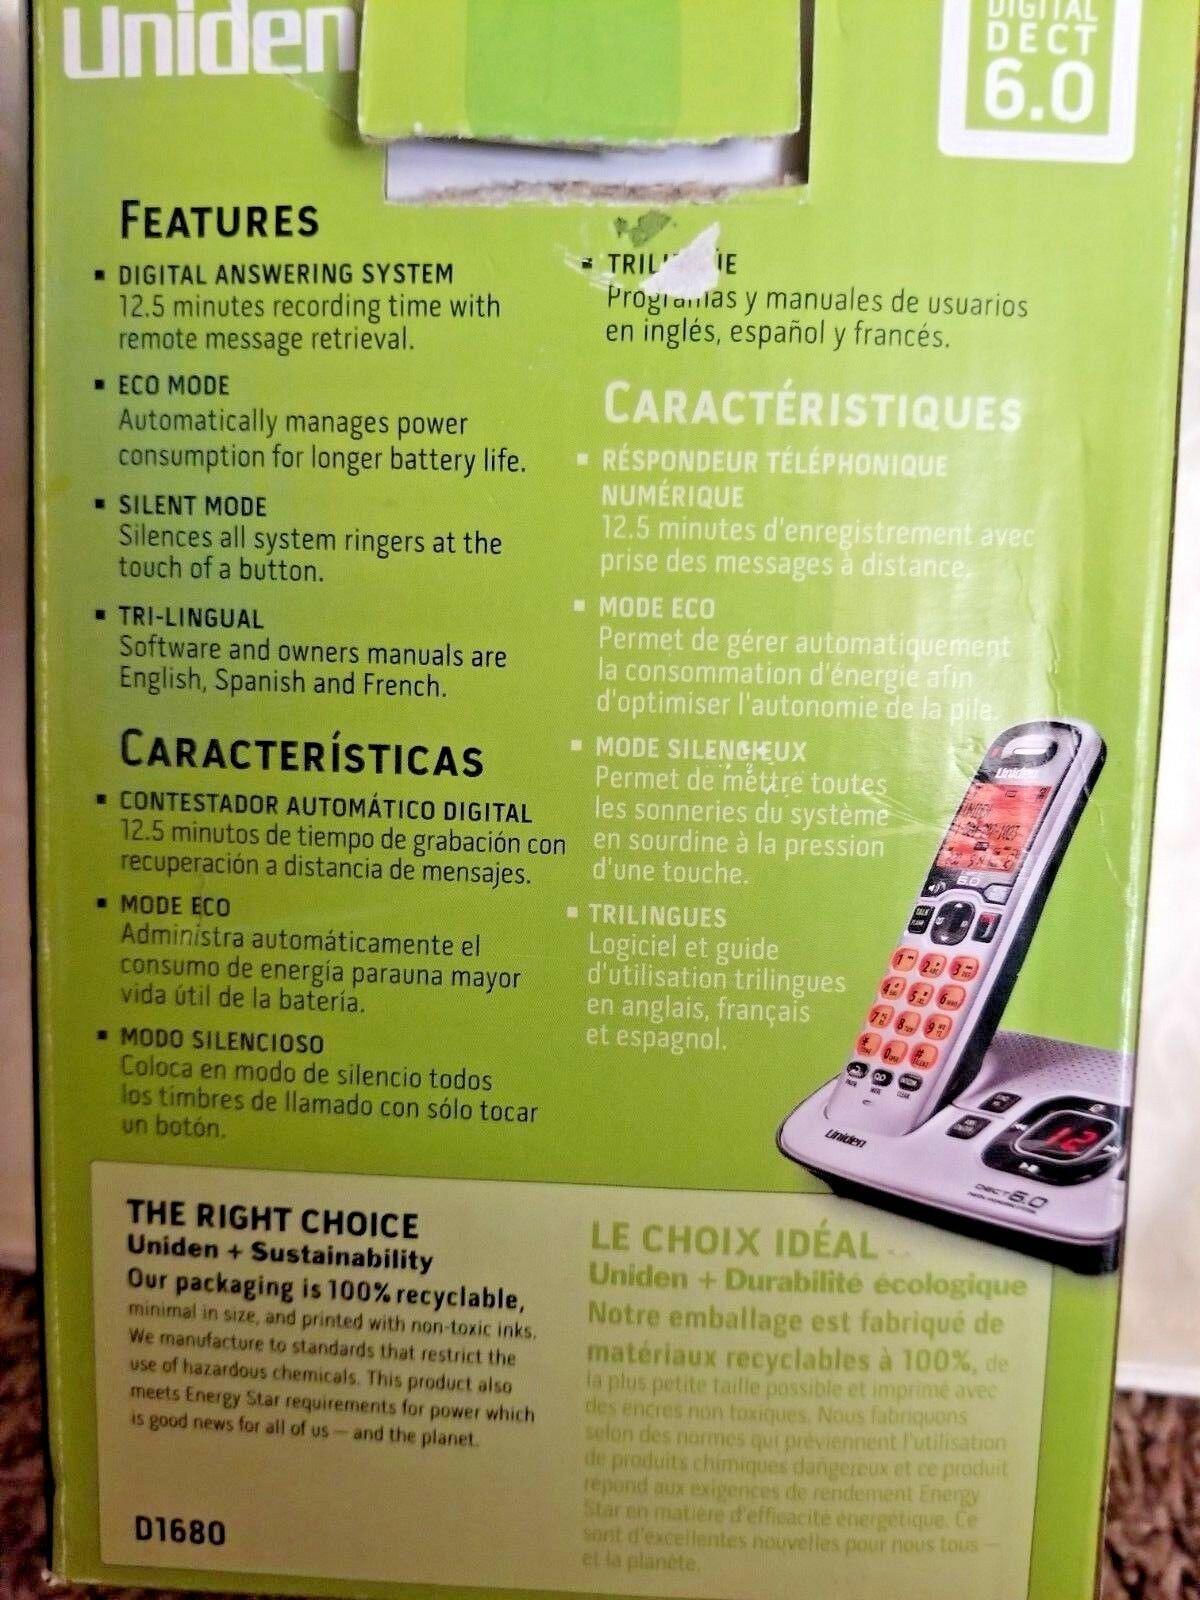 Uniden D1680 1.9 GHz Single Line Cordless Phone image 7